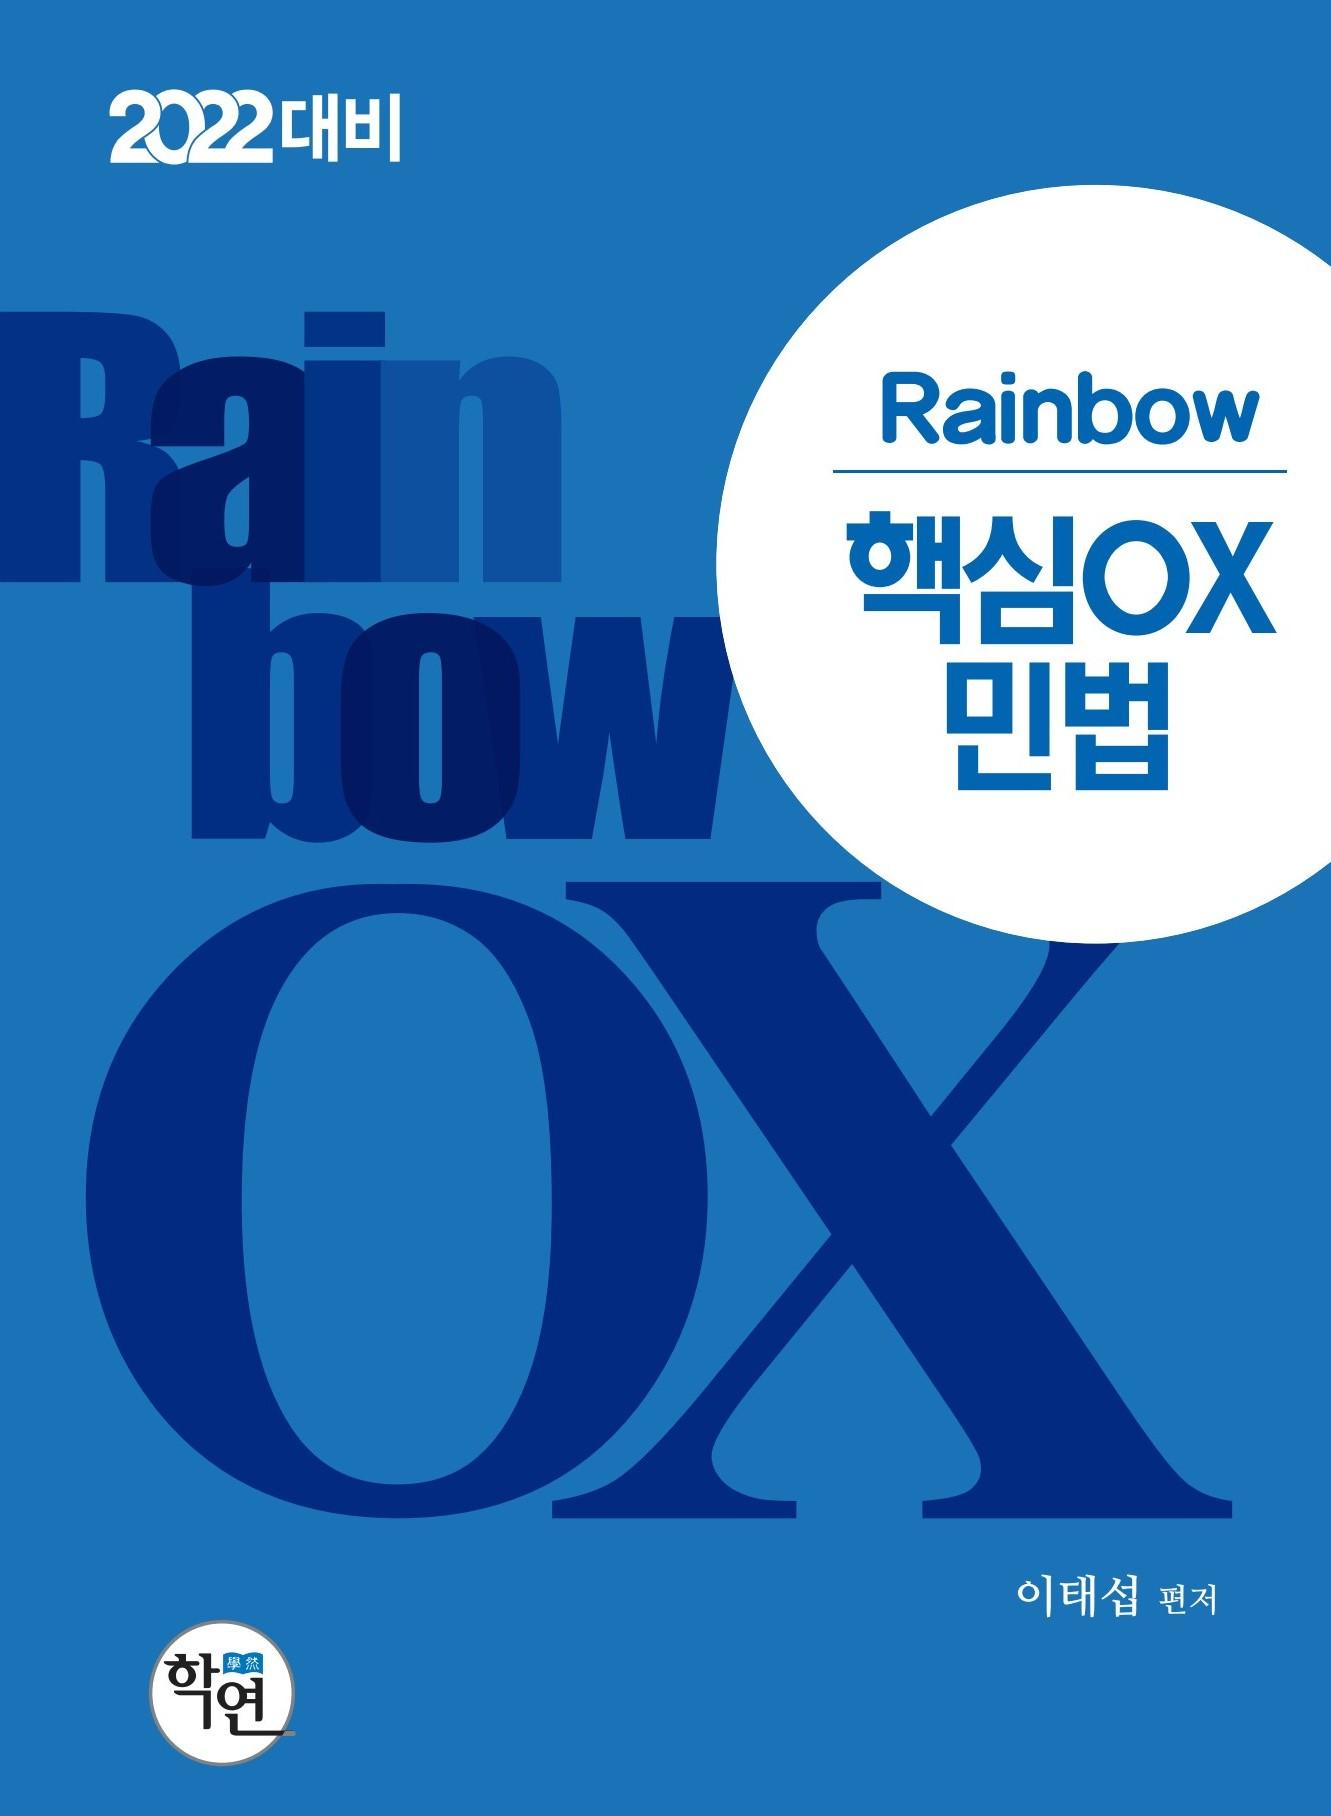 [법무사] 2022 Rainbow 핵심 OX 민법 (이태섭 저)